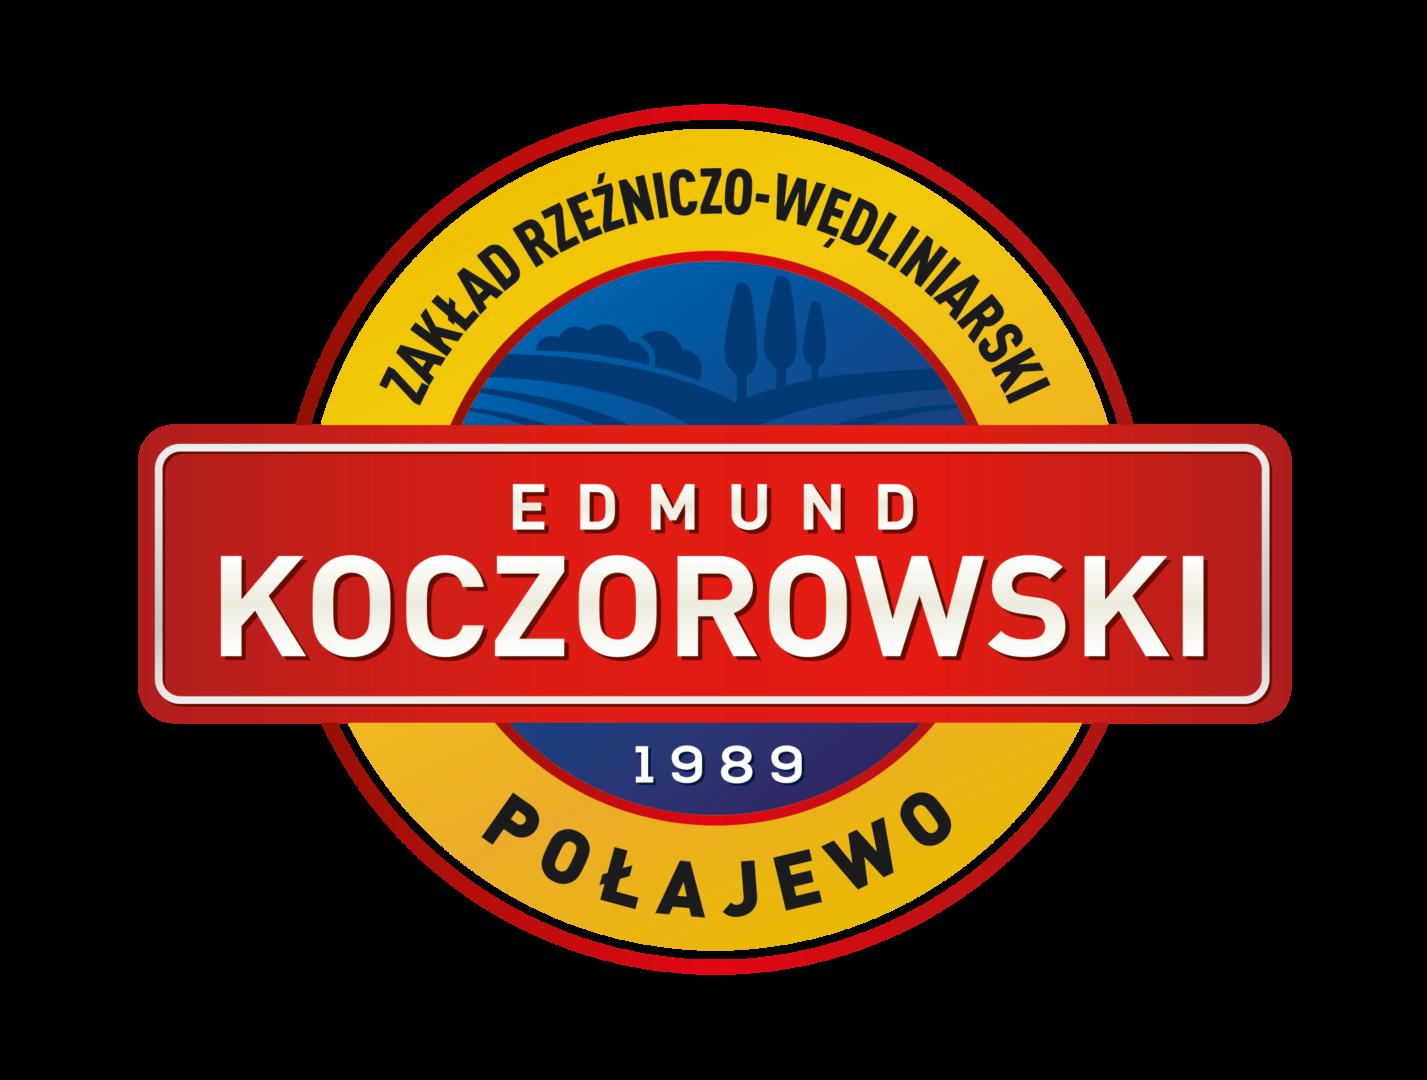 Zaklad Rzeźniczo - Wędliniarski | Edmund Koczorowski